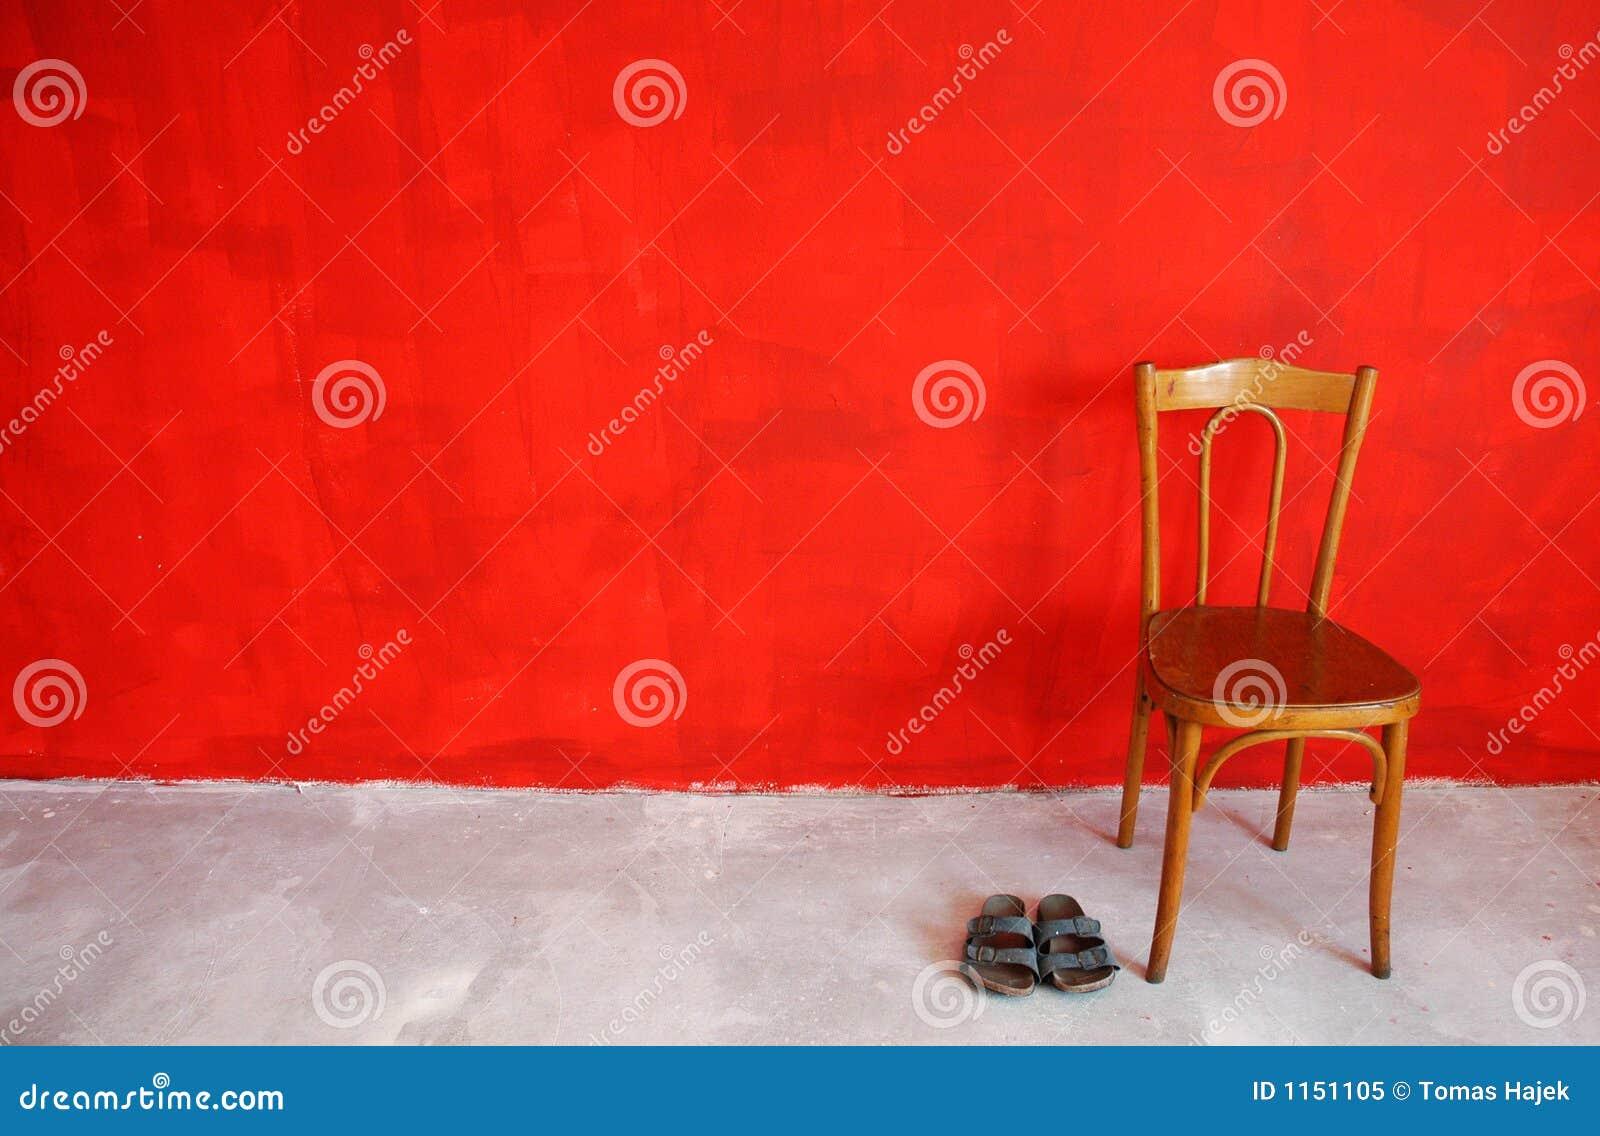 Parete Rossa Fotografia Stock Libera da Diritti - Immagine: 1151105